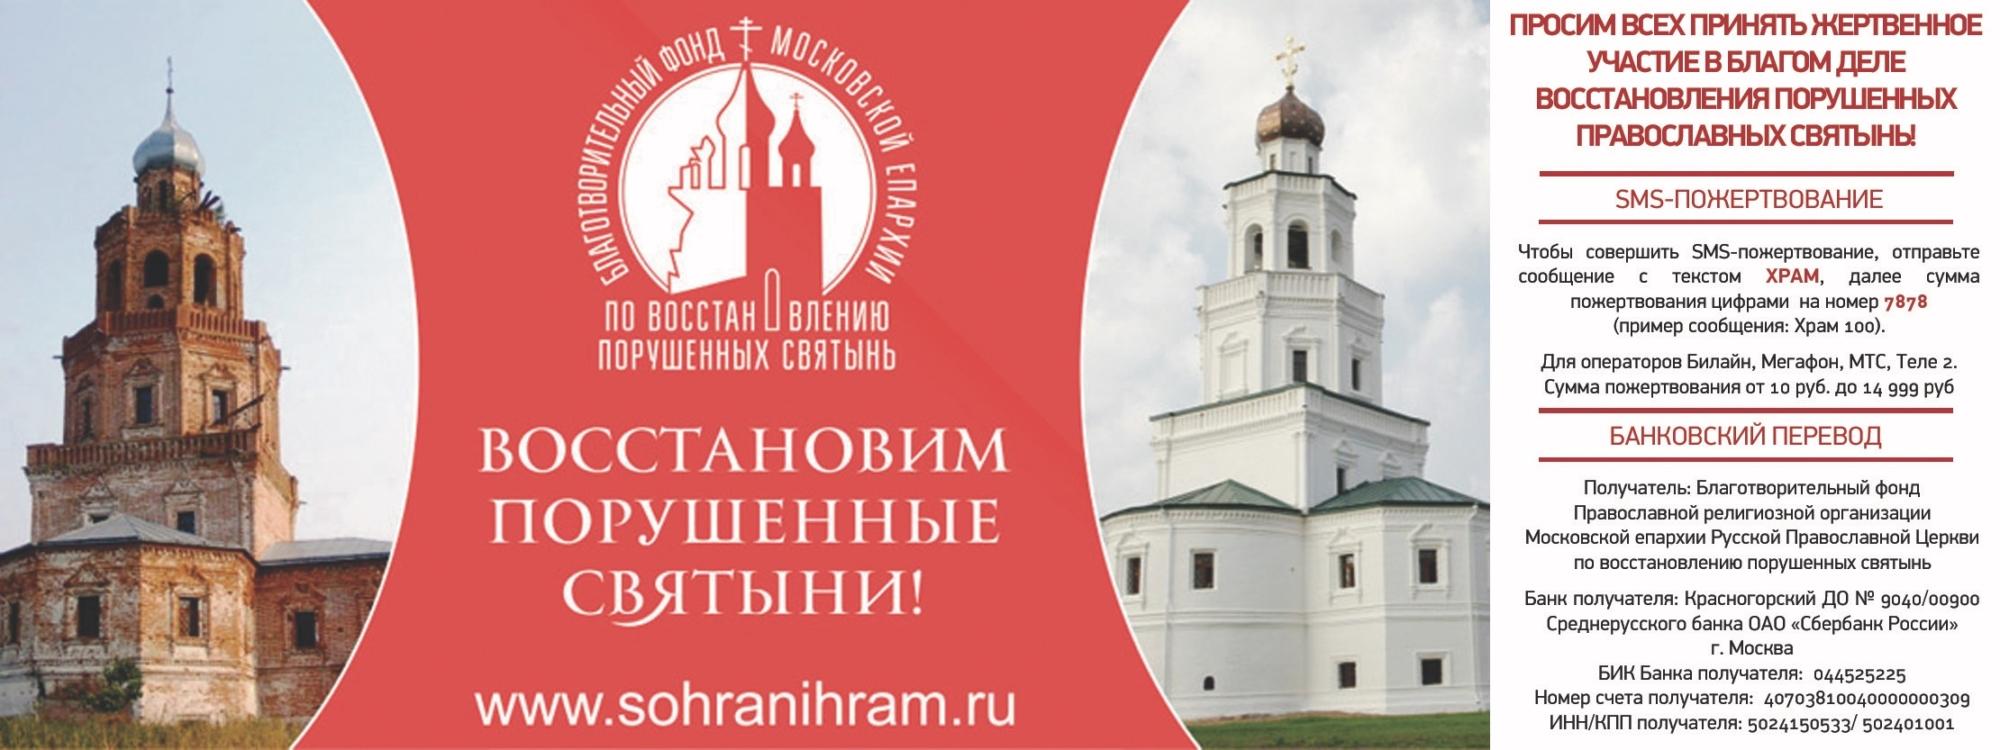 Восстановим порушенные святыни